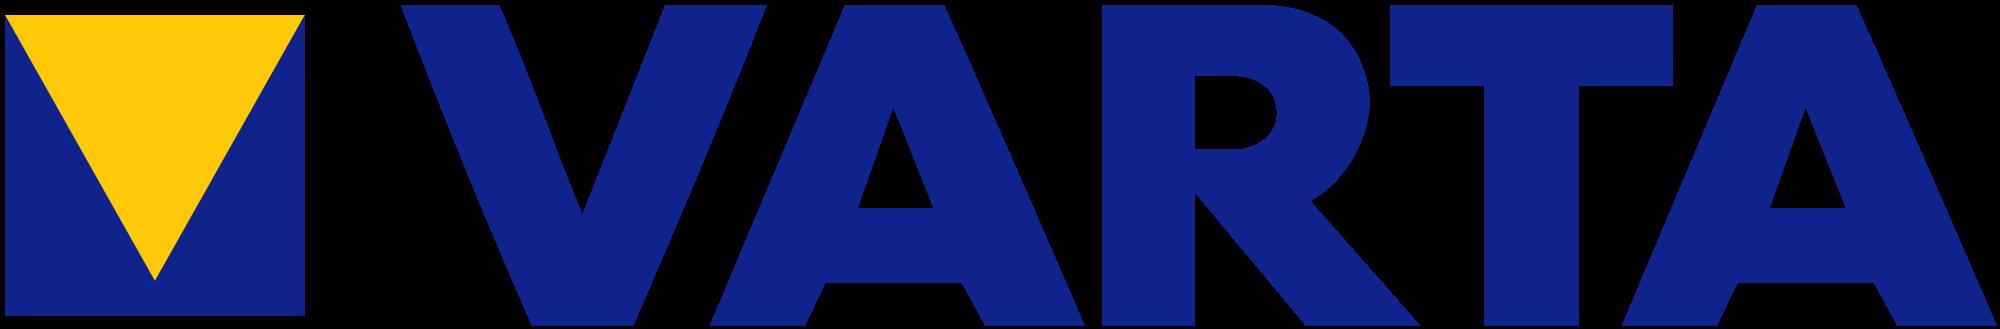 Varta-Logo.svg